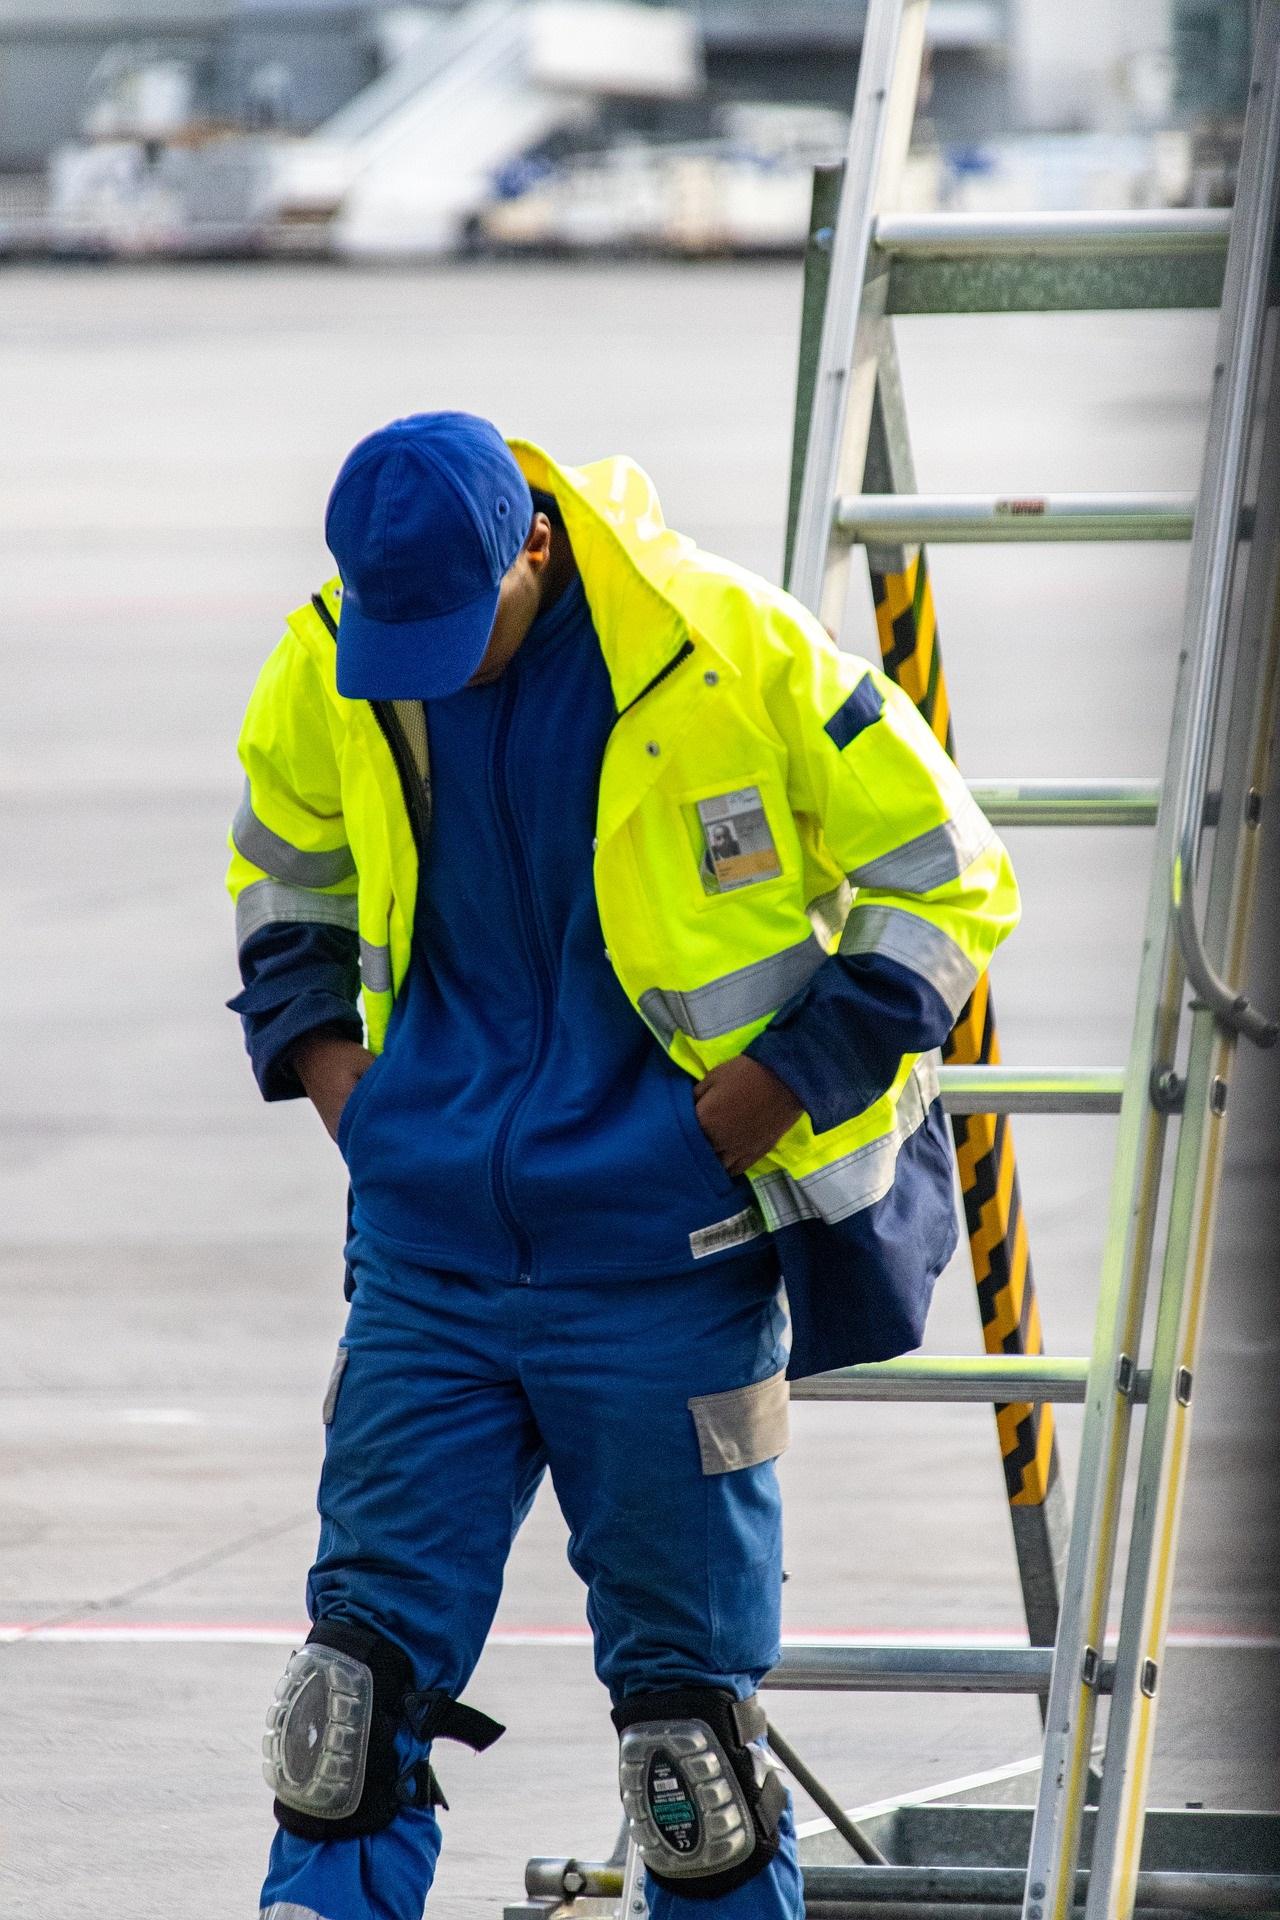 ¿Qué propiedades fotométricas han de tenerse en cuenta en la ropa de protección de alta visibilidad y cómo se miden?